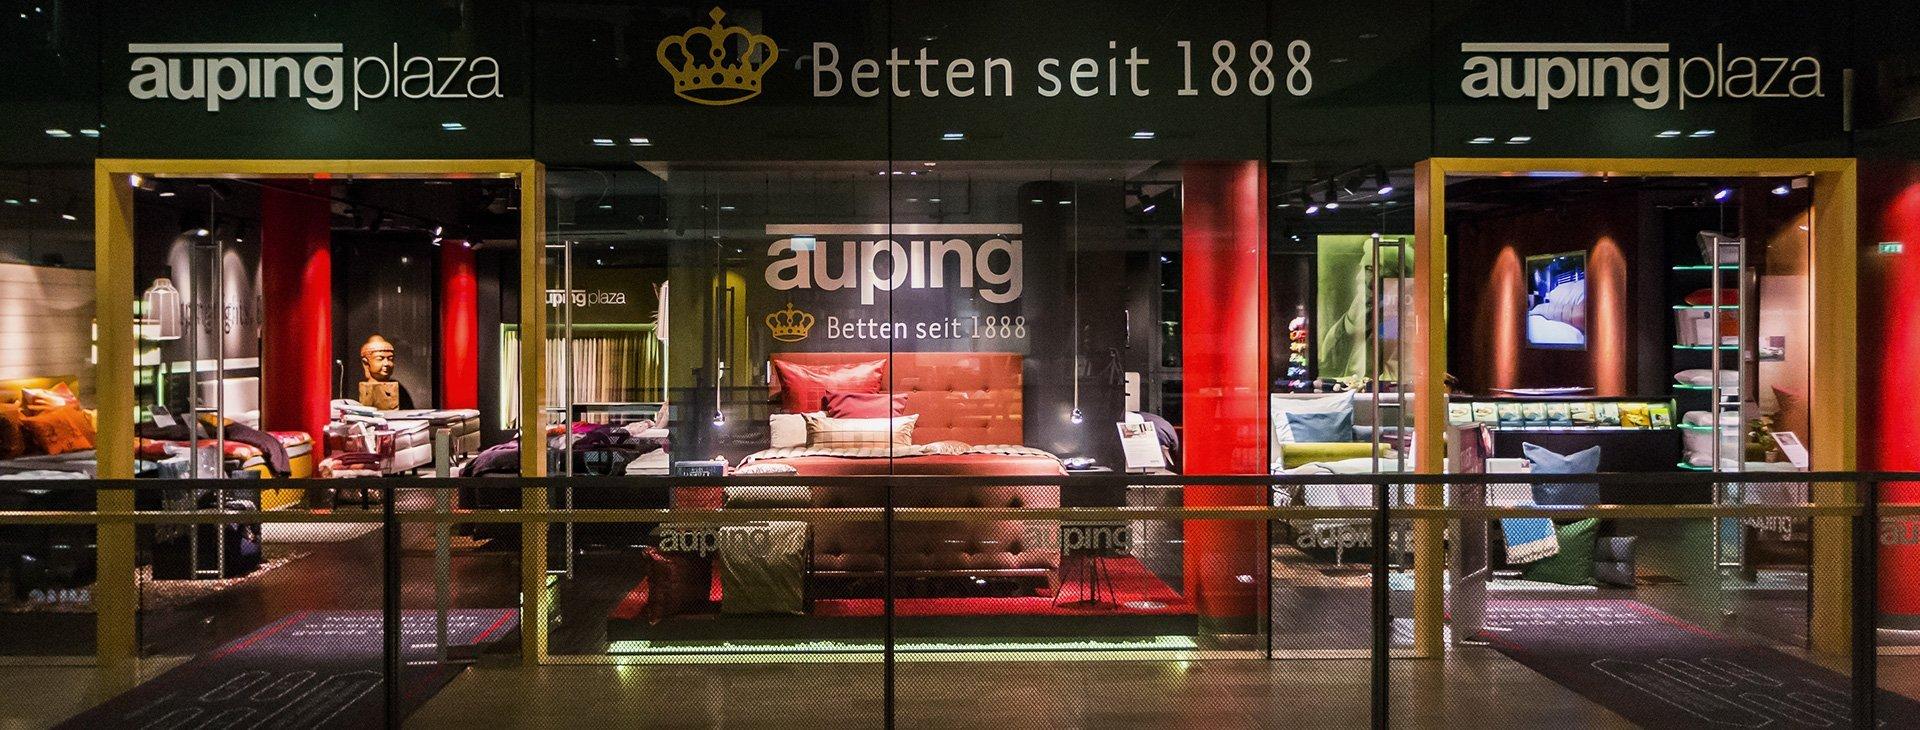 Stilwerk Berlin Betten auping plaza berlin ihre stores im stilwerk berlin